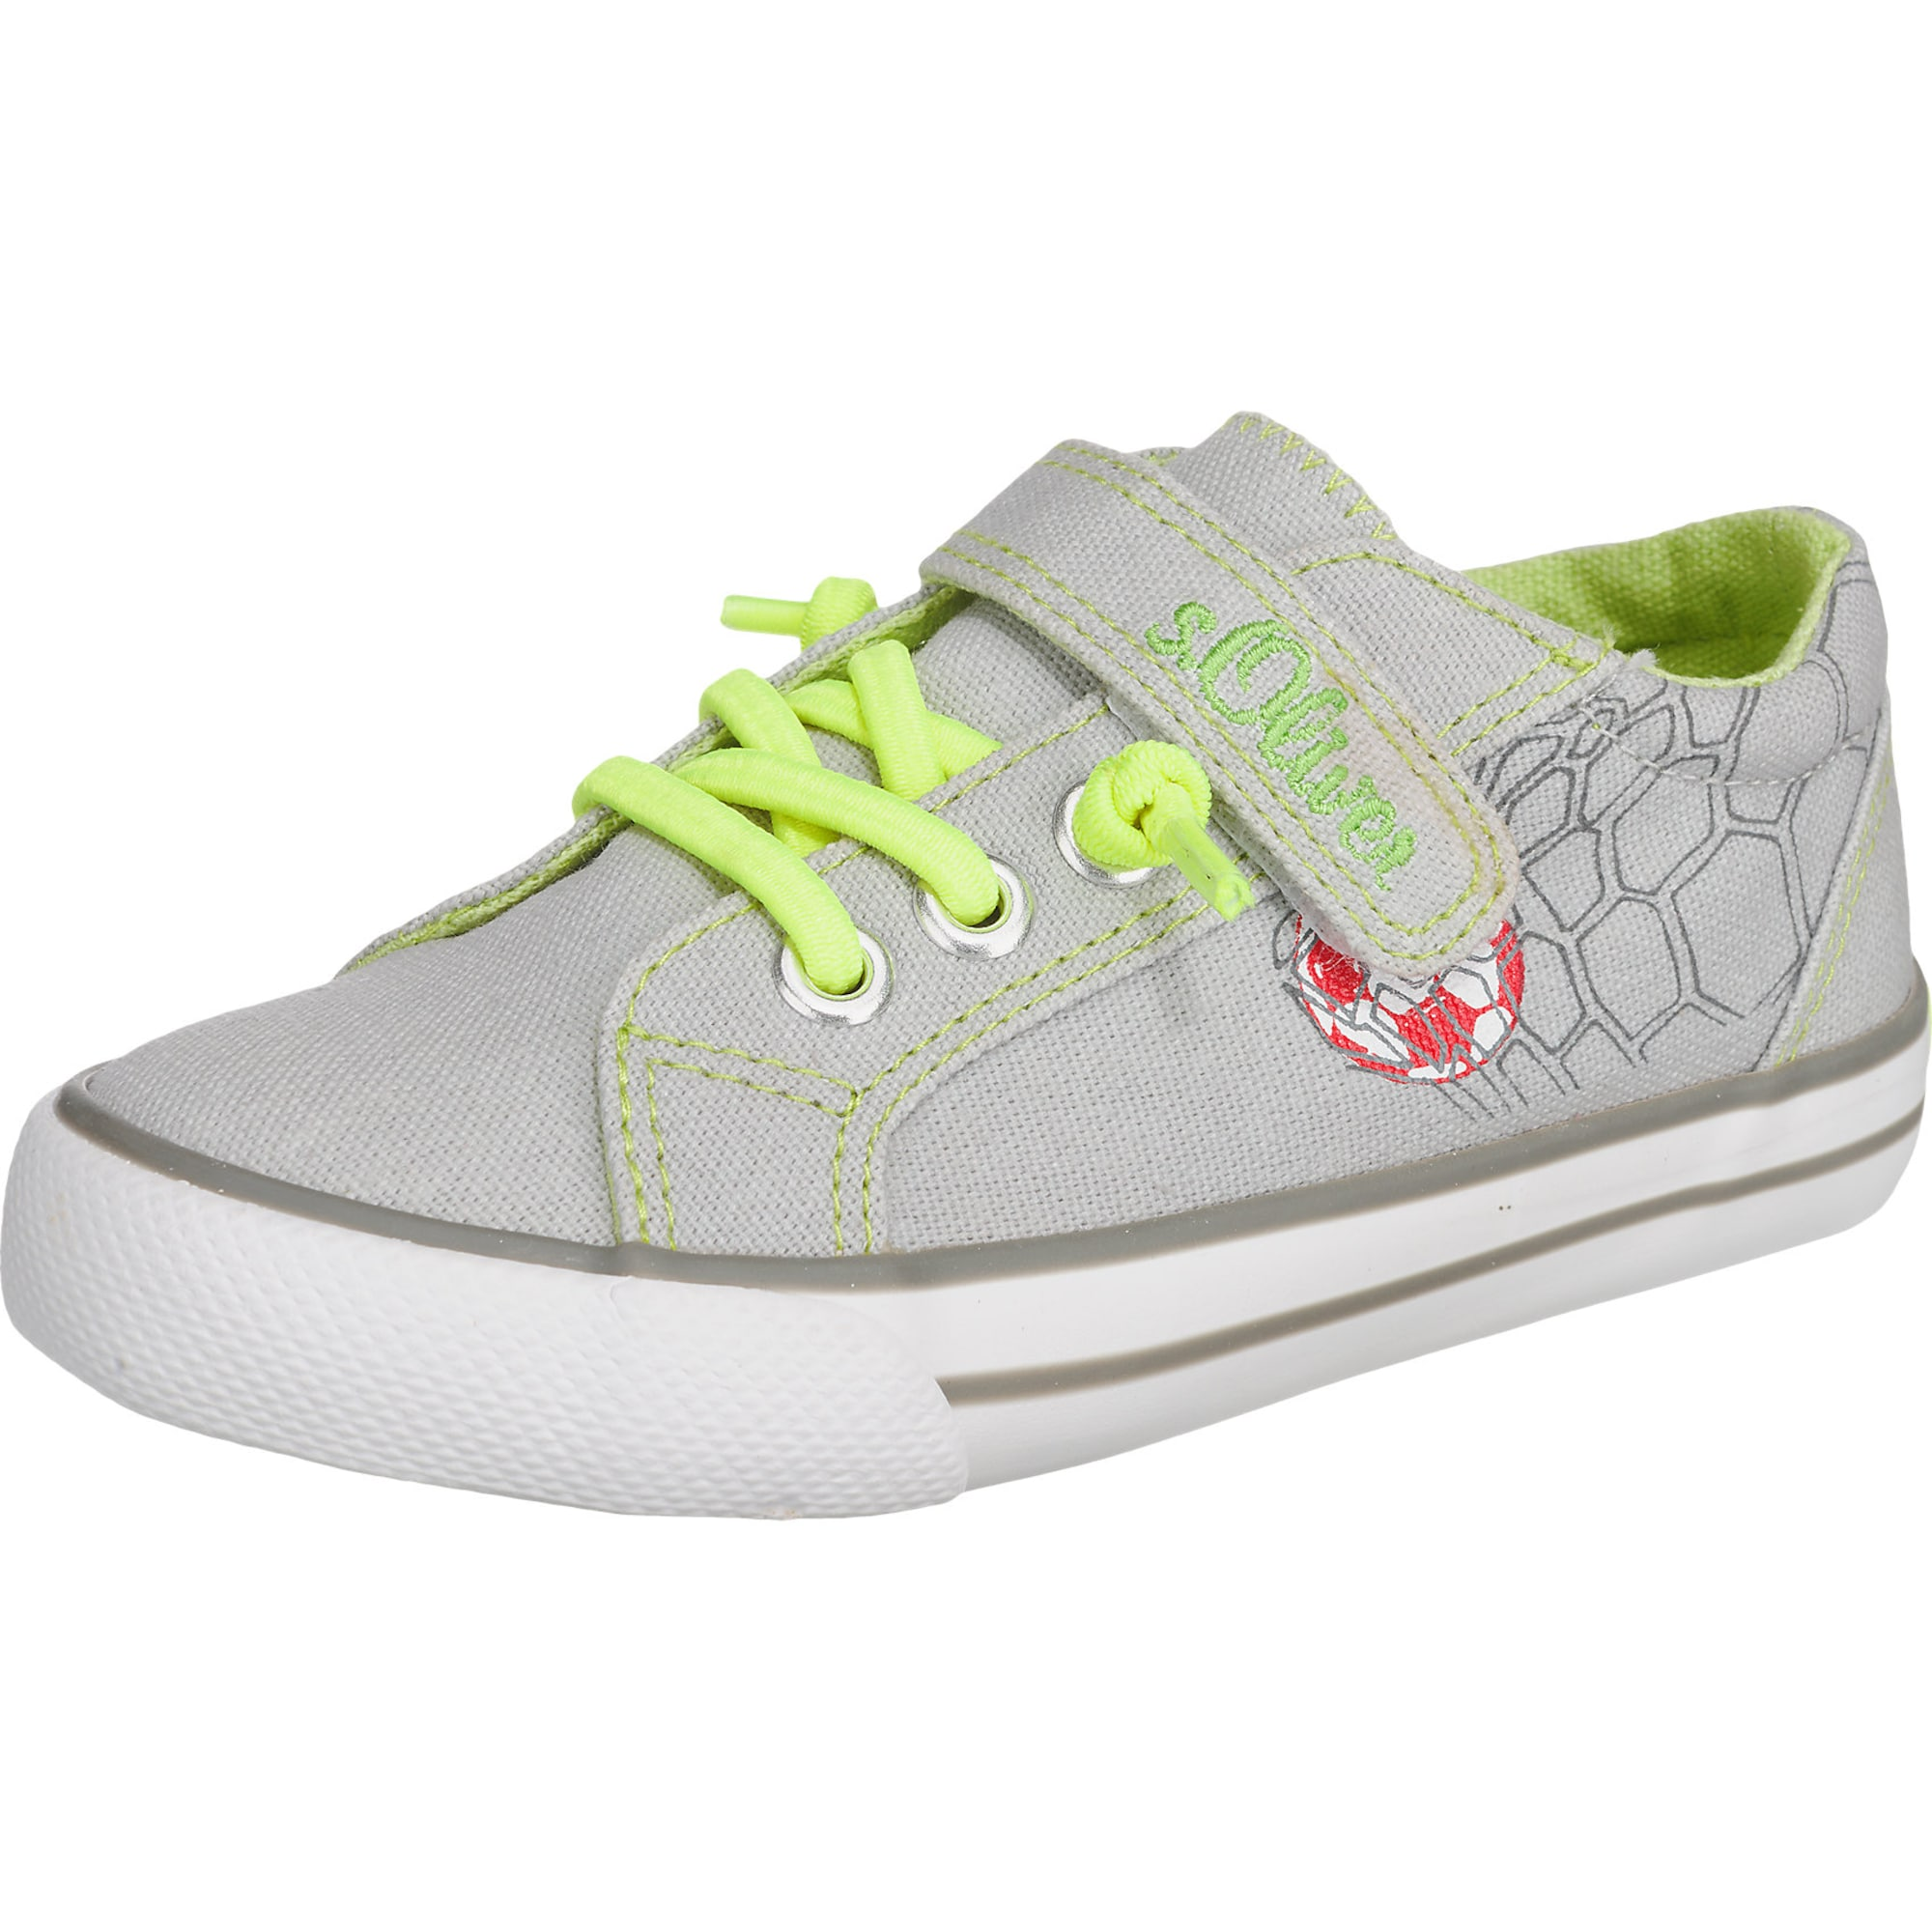 1c45804758 Kinder,Jungen S.Oliver Junior S.Oliver Junior Sneakers für Jungen grau,